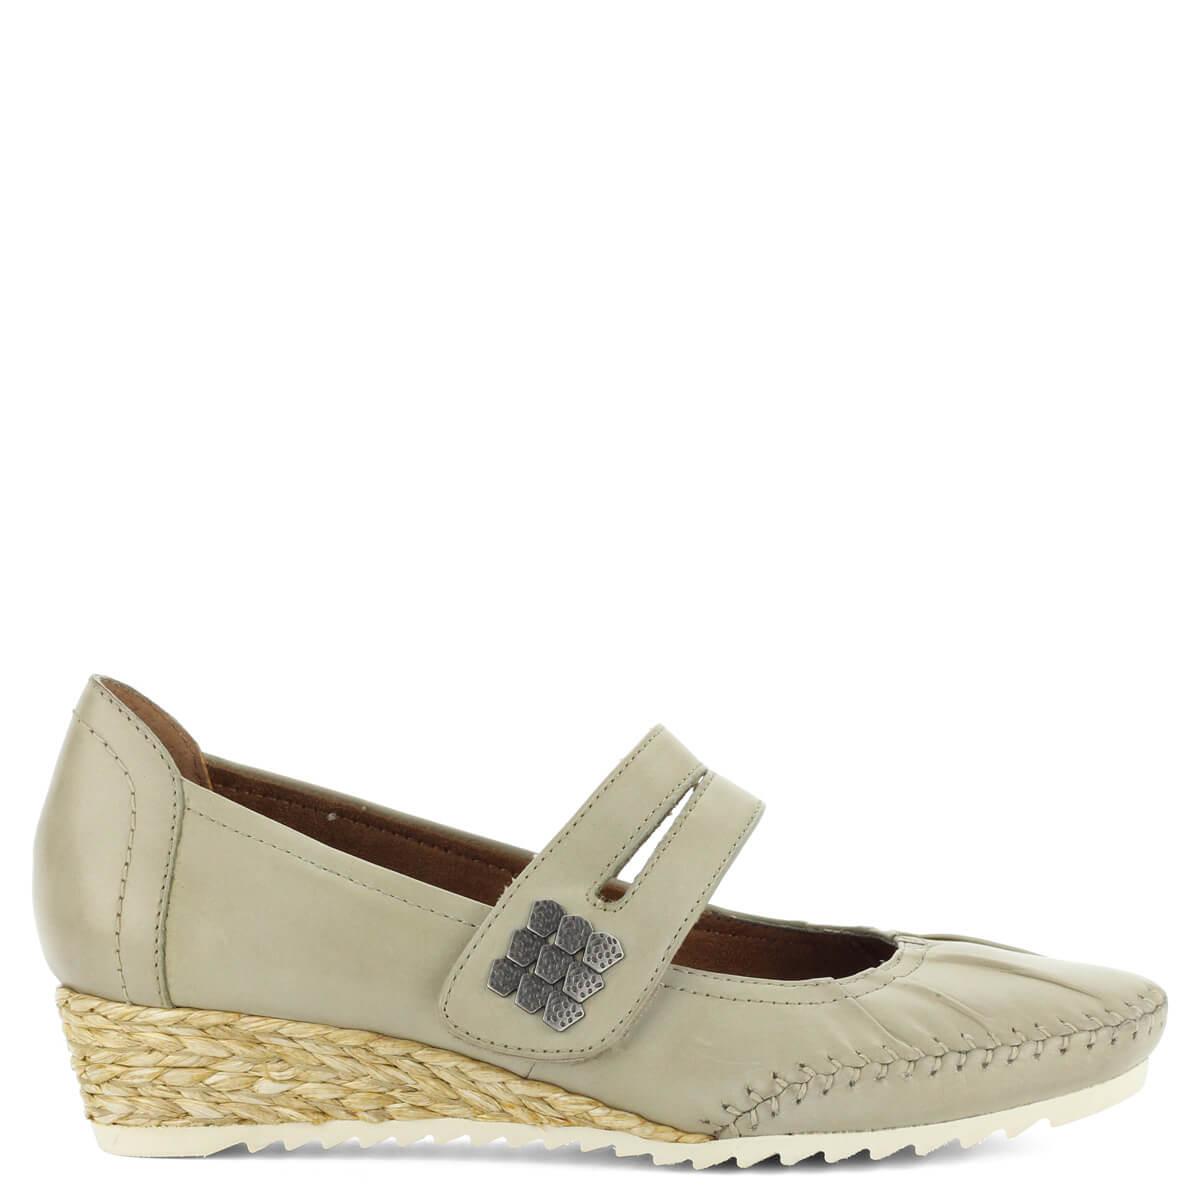 Pántos Jana cipő világos szürke színben. 3 7c2fefcca4